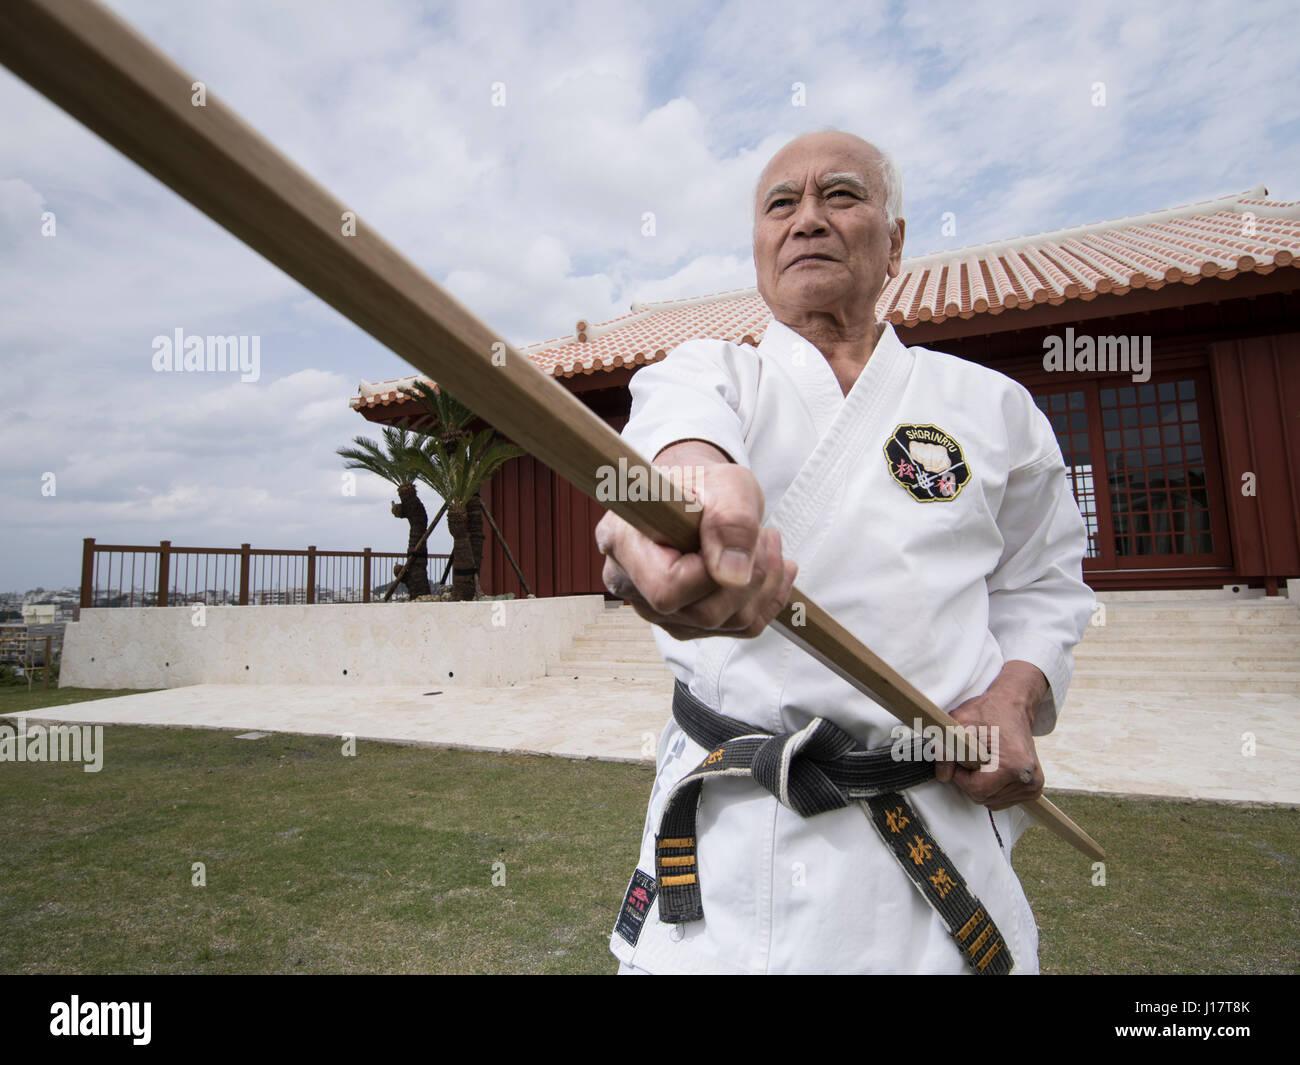 Maestro de karate Sensei Arakaki en los 100 eventos en karate y kobudo Kata Kaikan, Okinawa, Japón Foto de stock